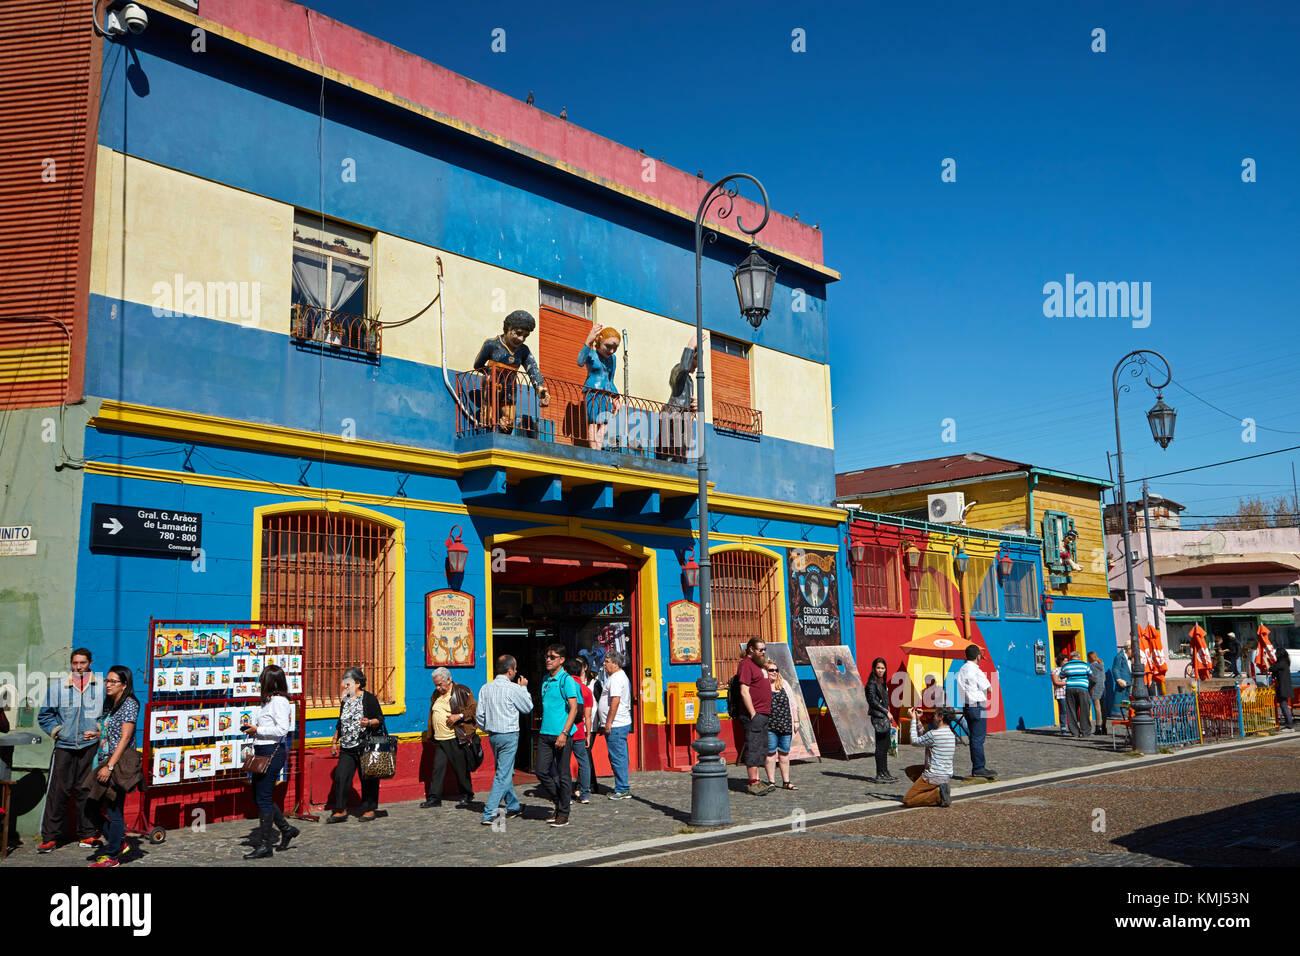 Turistas y tiendas de souvenirs, la boca, buenos aires, argentina, SUDAMÉRICA Foto de stock